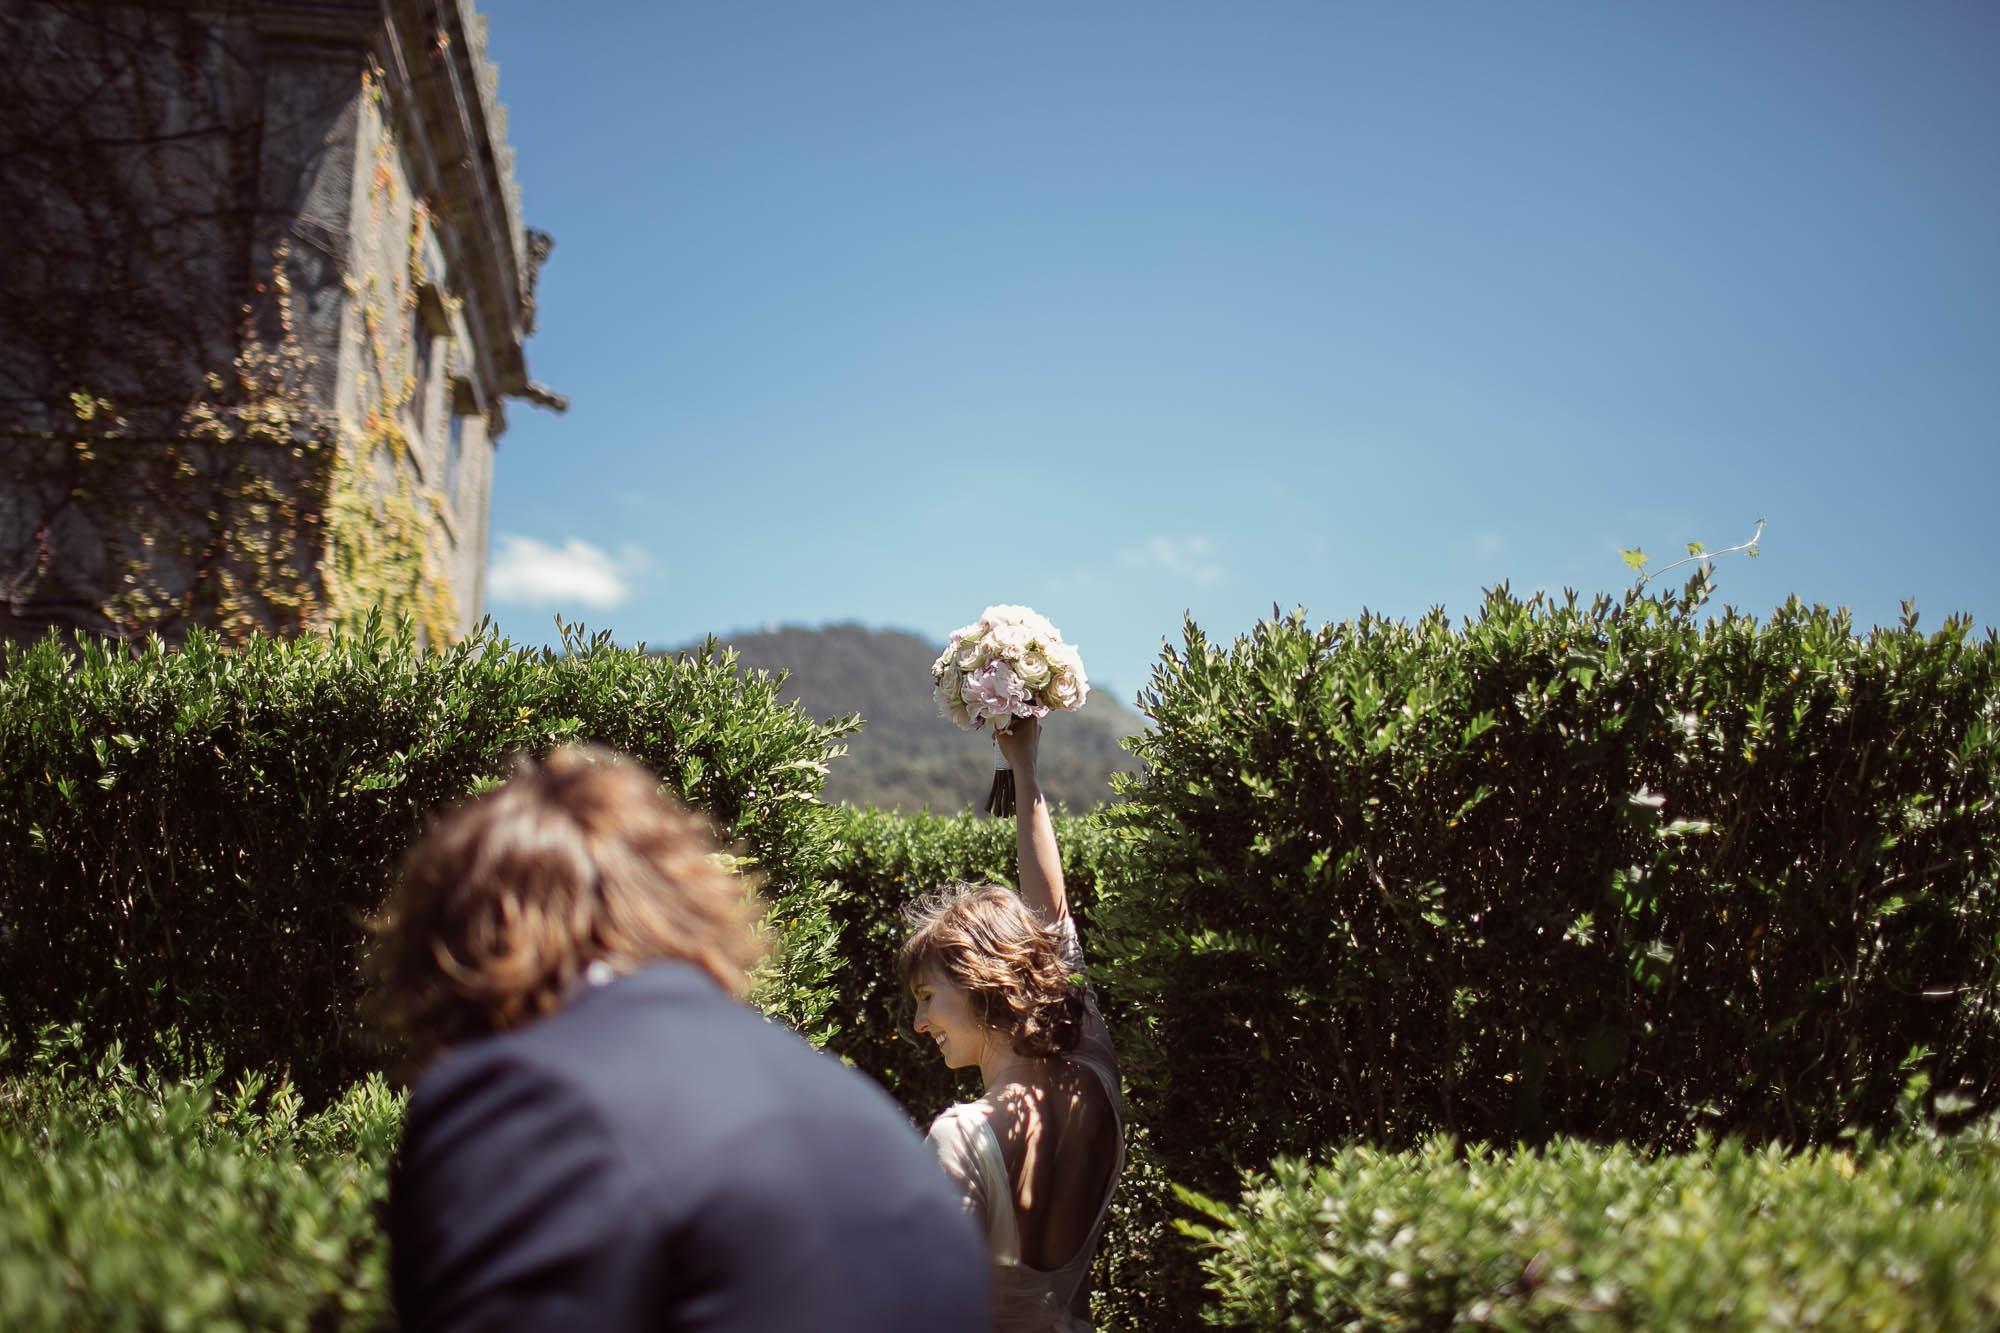 La novia sigue corriendo con el ramo en alto